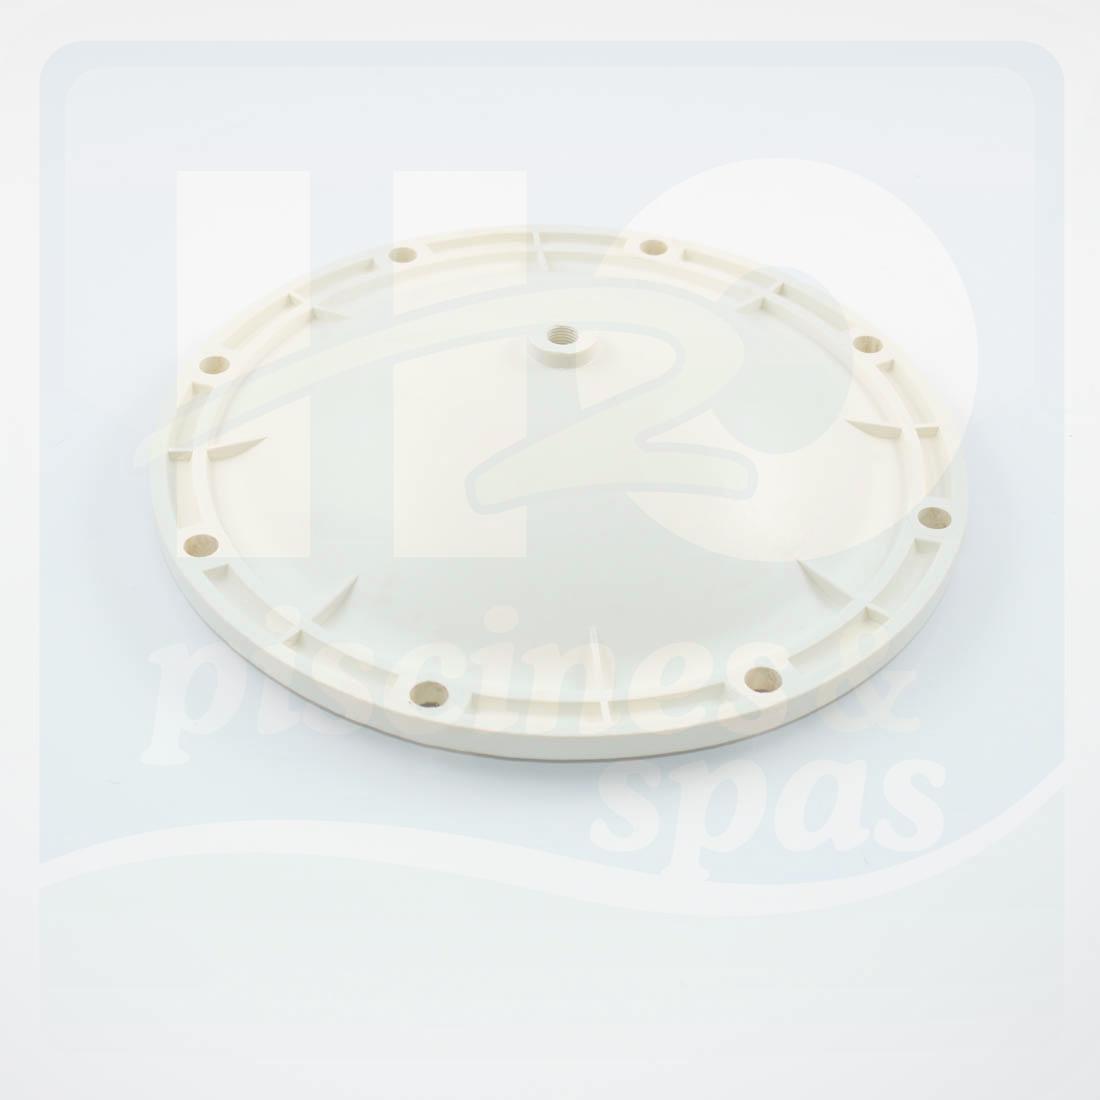 Couvercle Du Filtre À Sable Aqualux Luberon - Apollo - H2O Piscines & Spas pour Couvercle Filtre A Sable Piscine